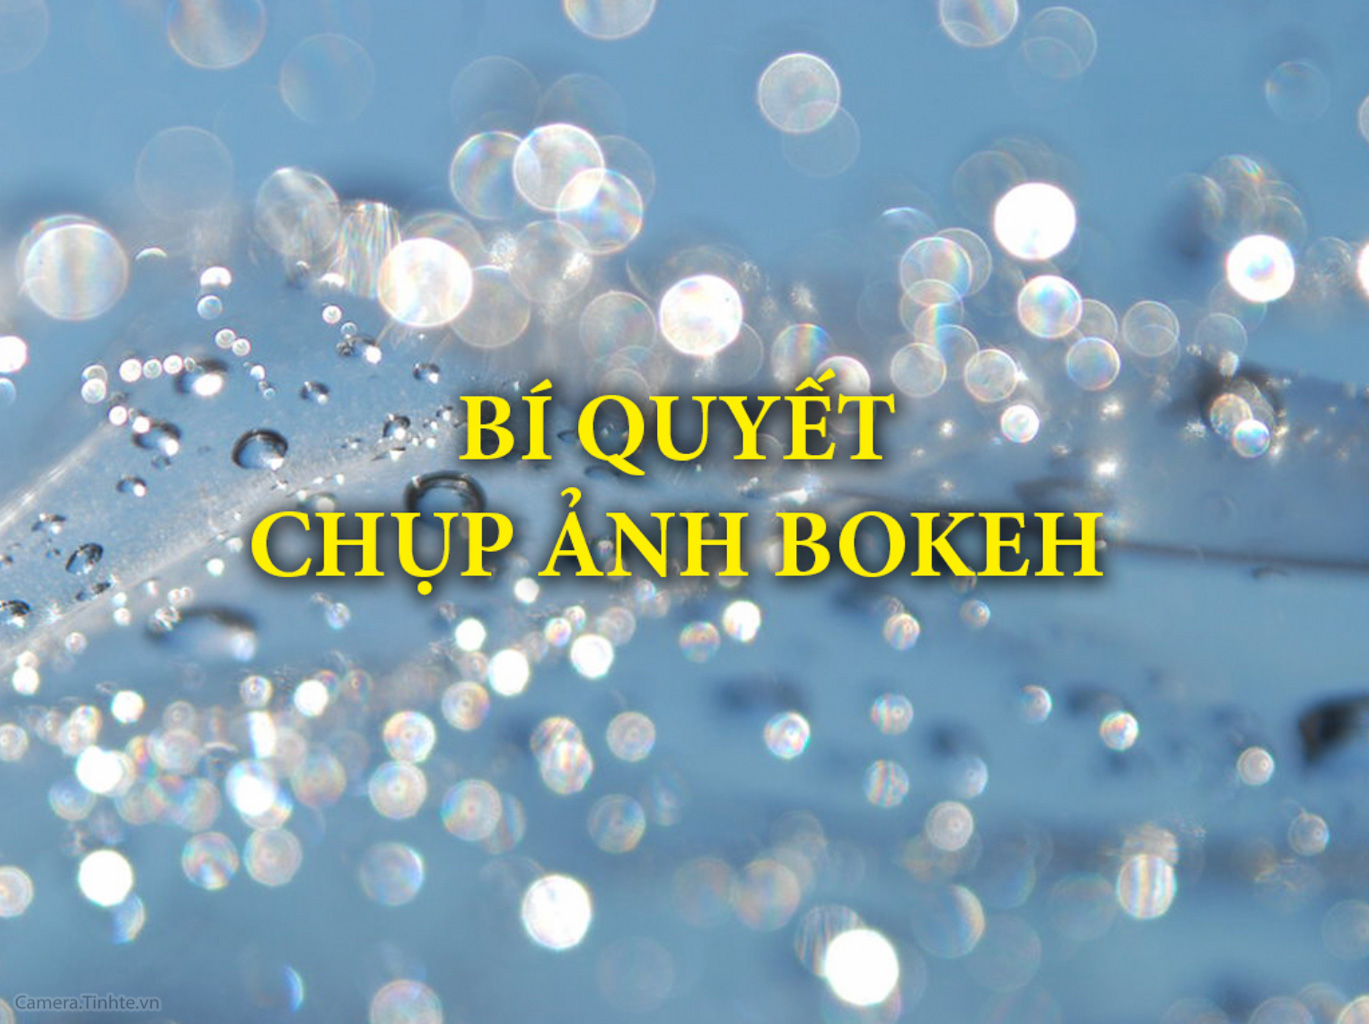 bokeh-camera.tinhte.vn-17.jpg